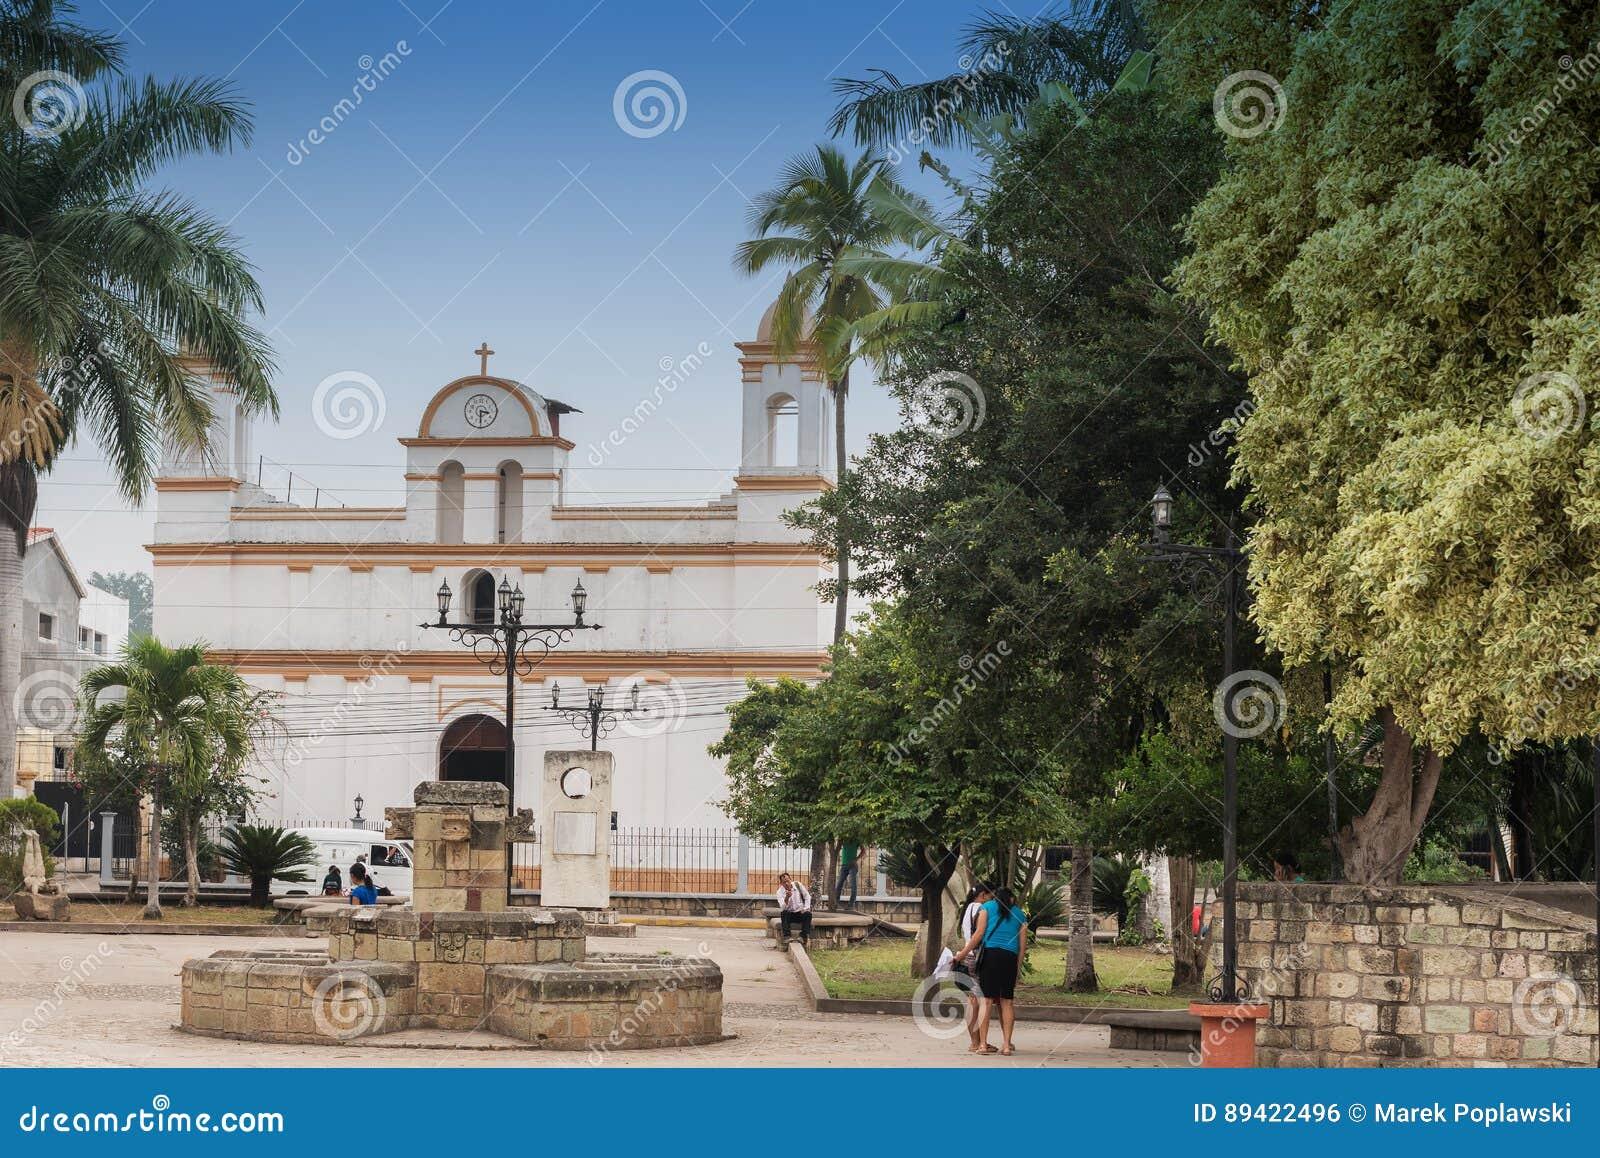 Fachada da igreja colonial velha situada na cidade de Copa Ruinas, H